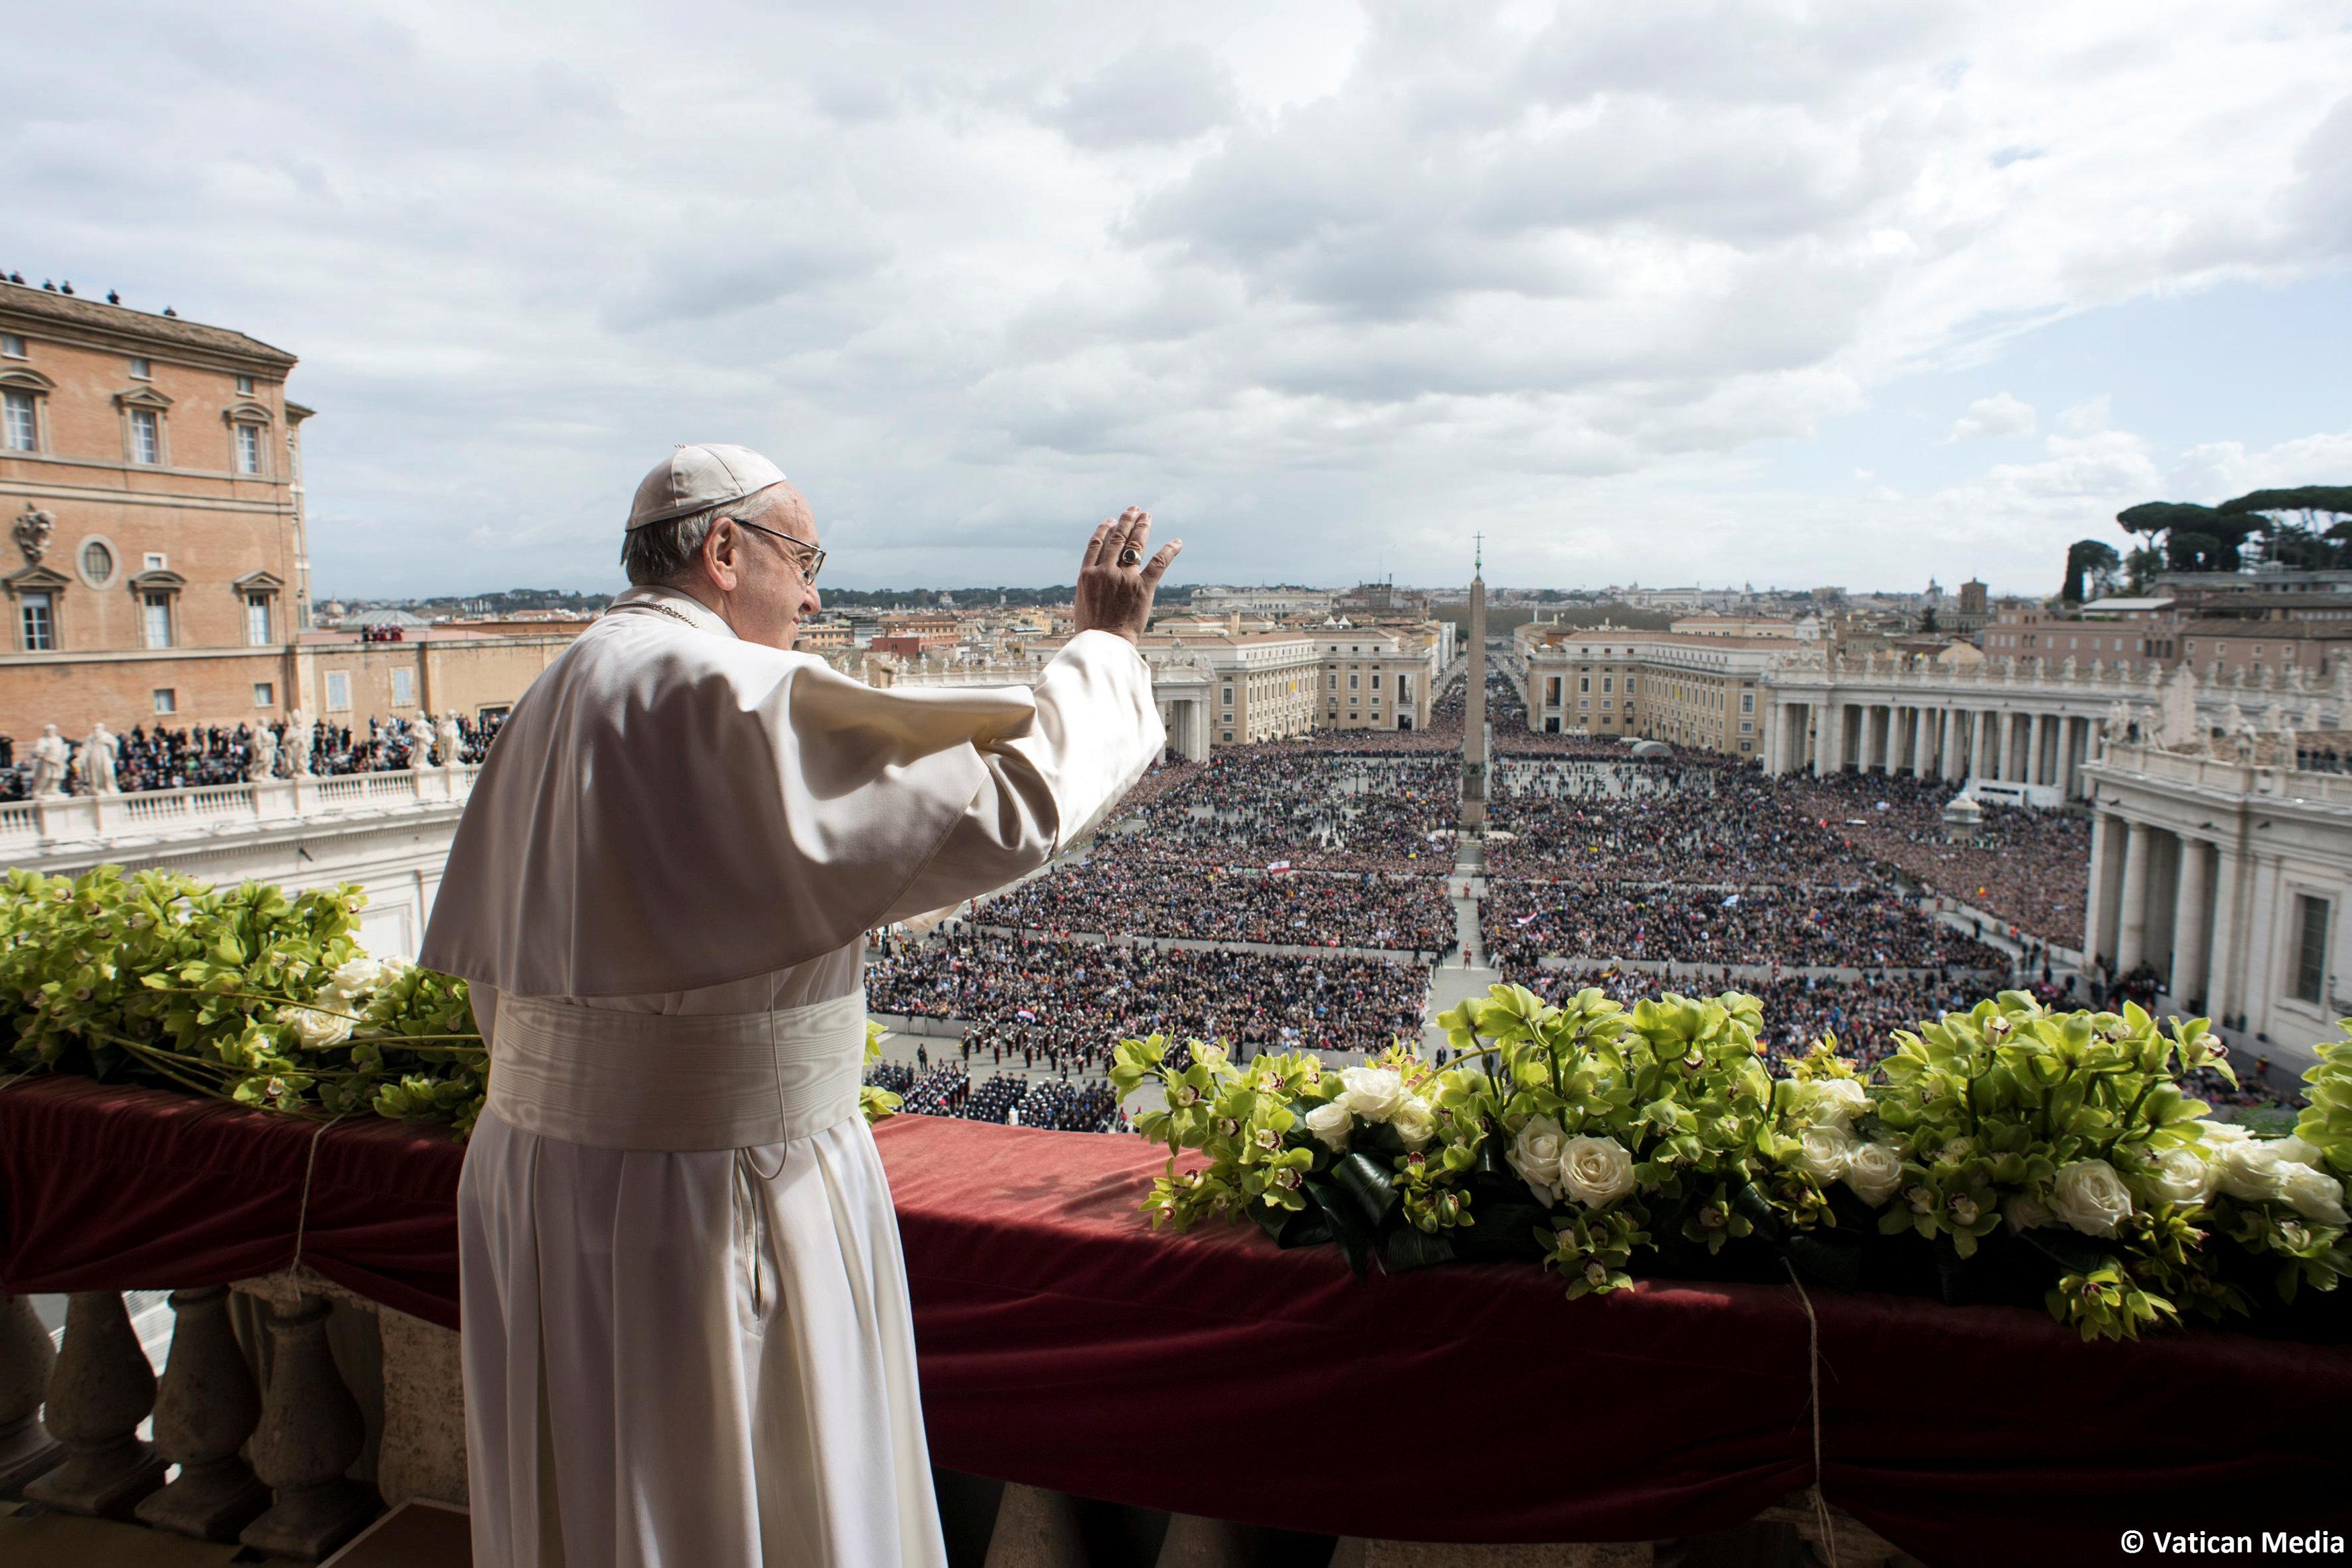 El Papa Francisco aparece antes de entregar su mensaje de Pascua en la dirección de Urbi et Orbi (a la Ciudad y el Mundo) desde el balcón que da a la Plaza de San Pedro en el Vaticano el 1 de abril de 2018. Osservatore Romano / Folleto a través de EDITORES DE ATENCIÓN REUTERS